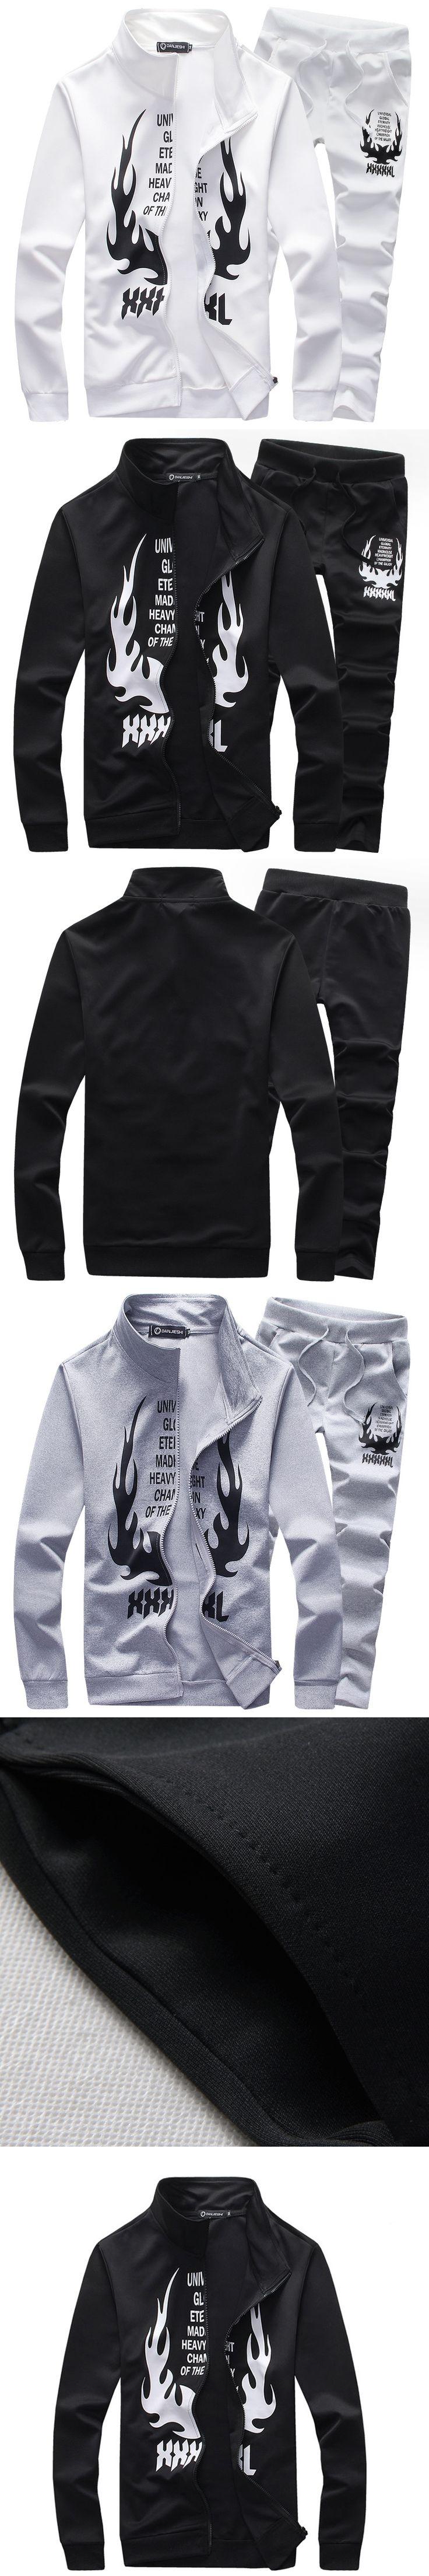 2017 brand warm sporting suit men winter clothes Zipper polo sweat suits men set track letter Flame print tracksuit survetement